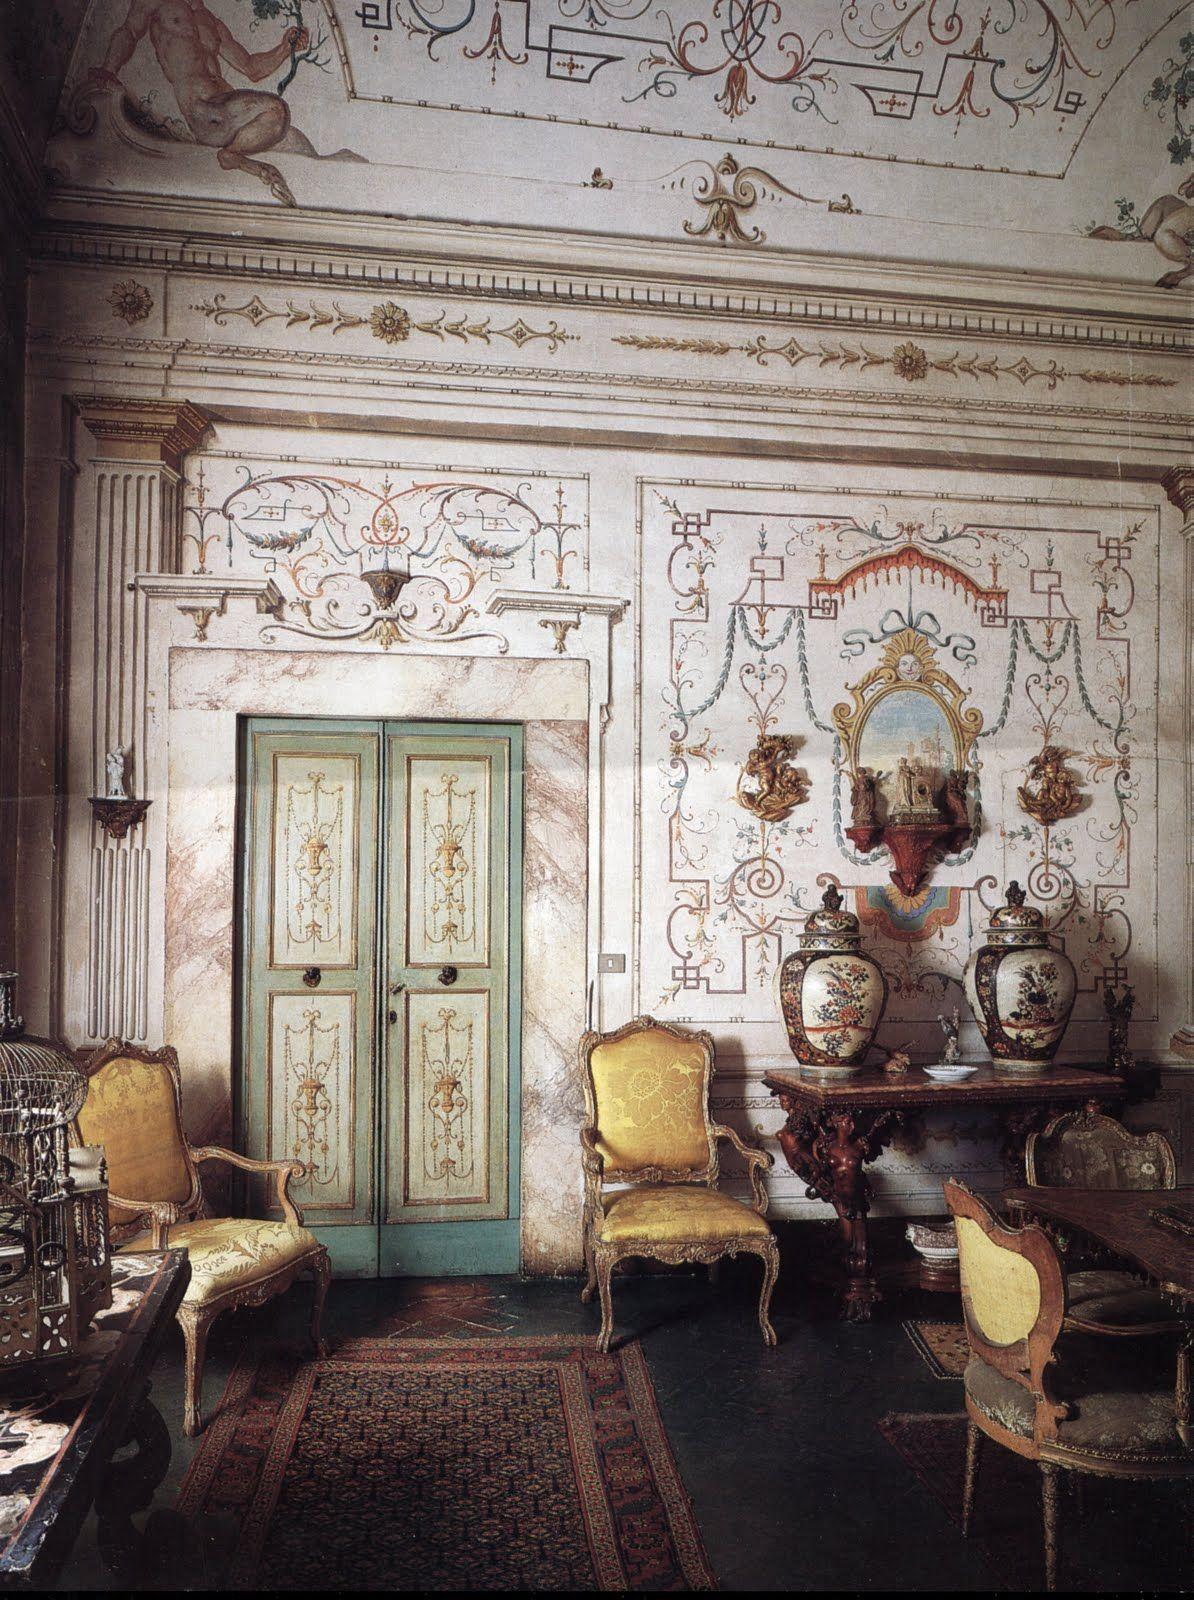 Antiques In Italian Interiors Italian Home Decor Antiques